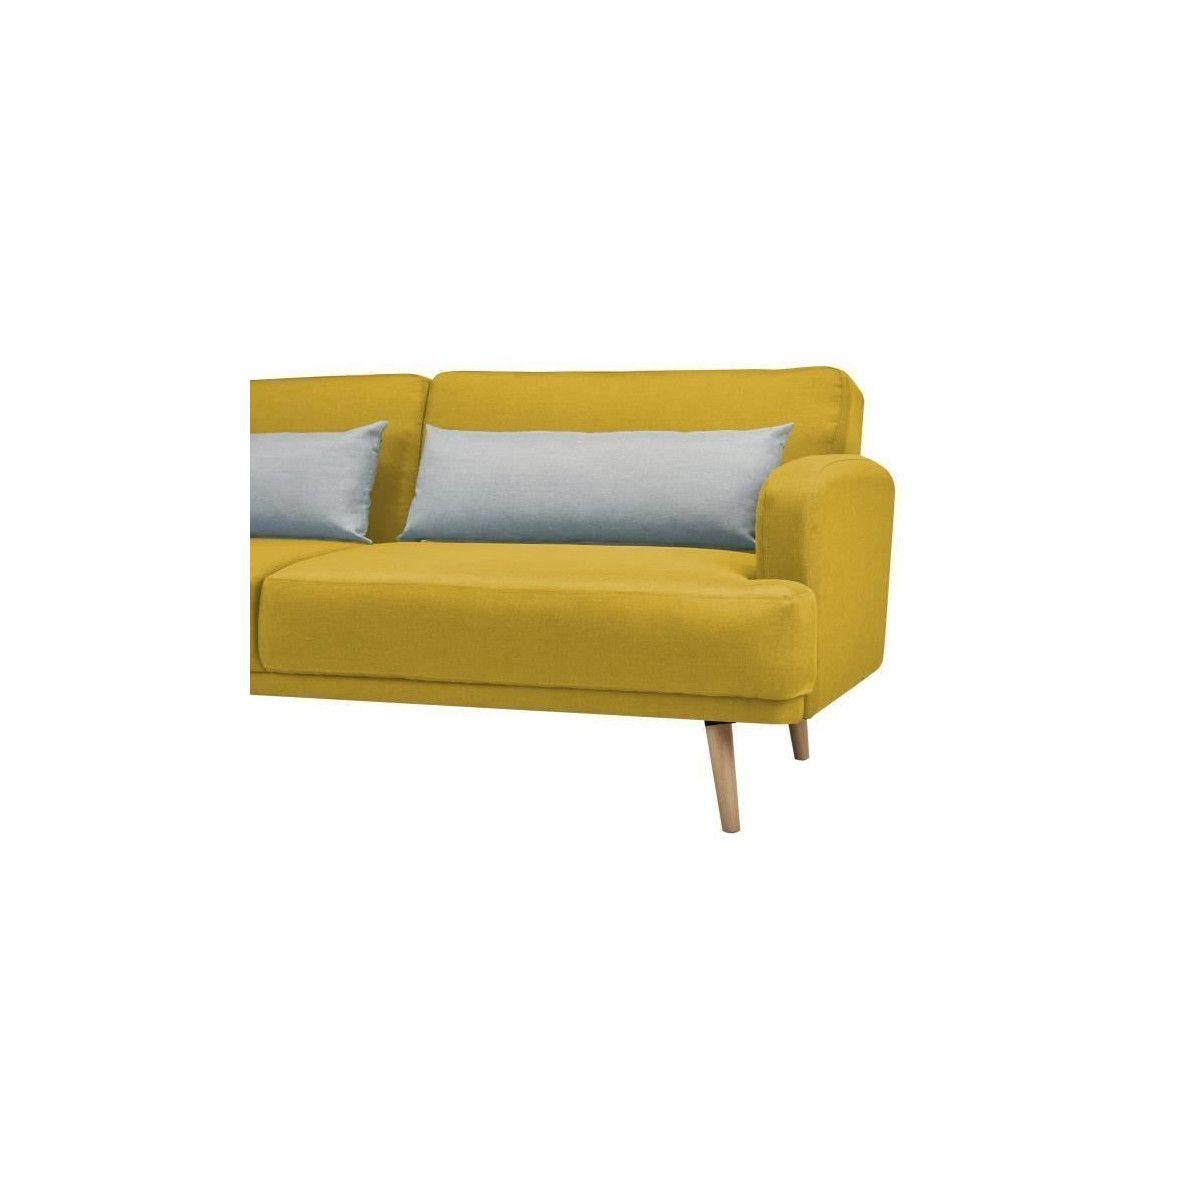 Ressort Zig Zag Canapé Avis tom canape droit convertible 3 places - tissu jaune et gris - scandinave -  l 214 x p 86 cm